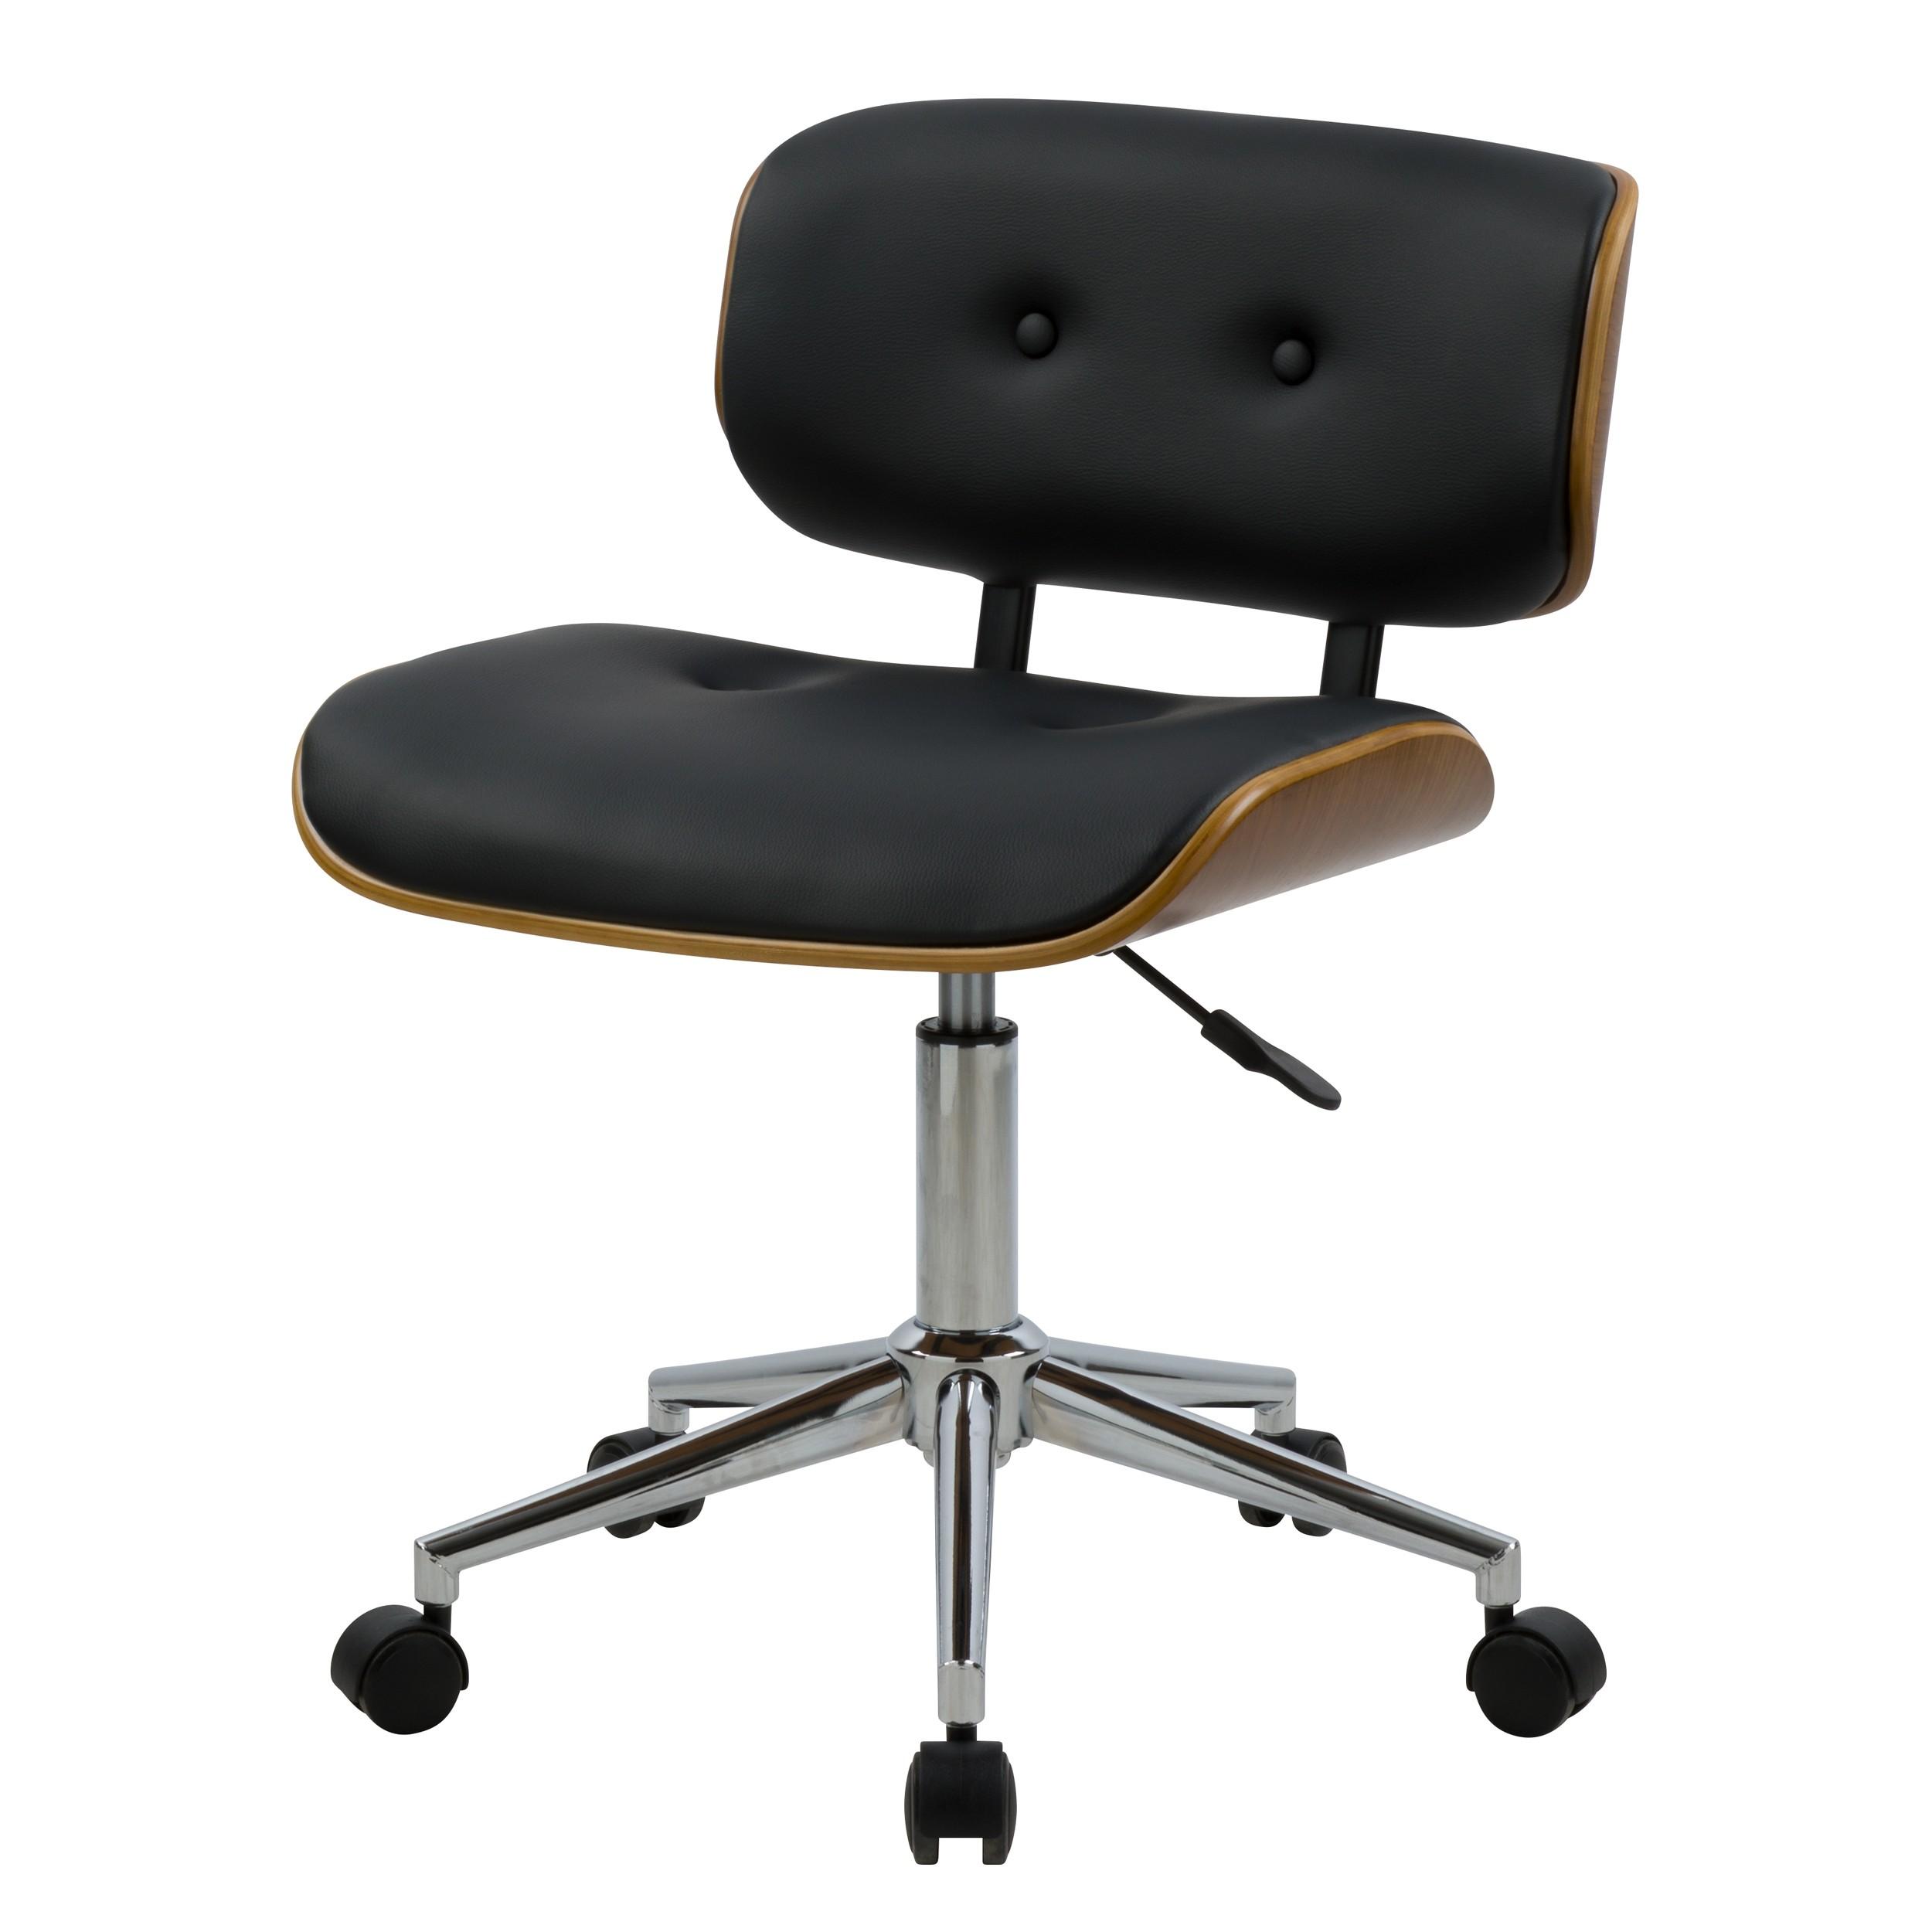 acheter chaise de bureau a roulettes